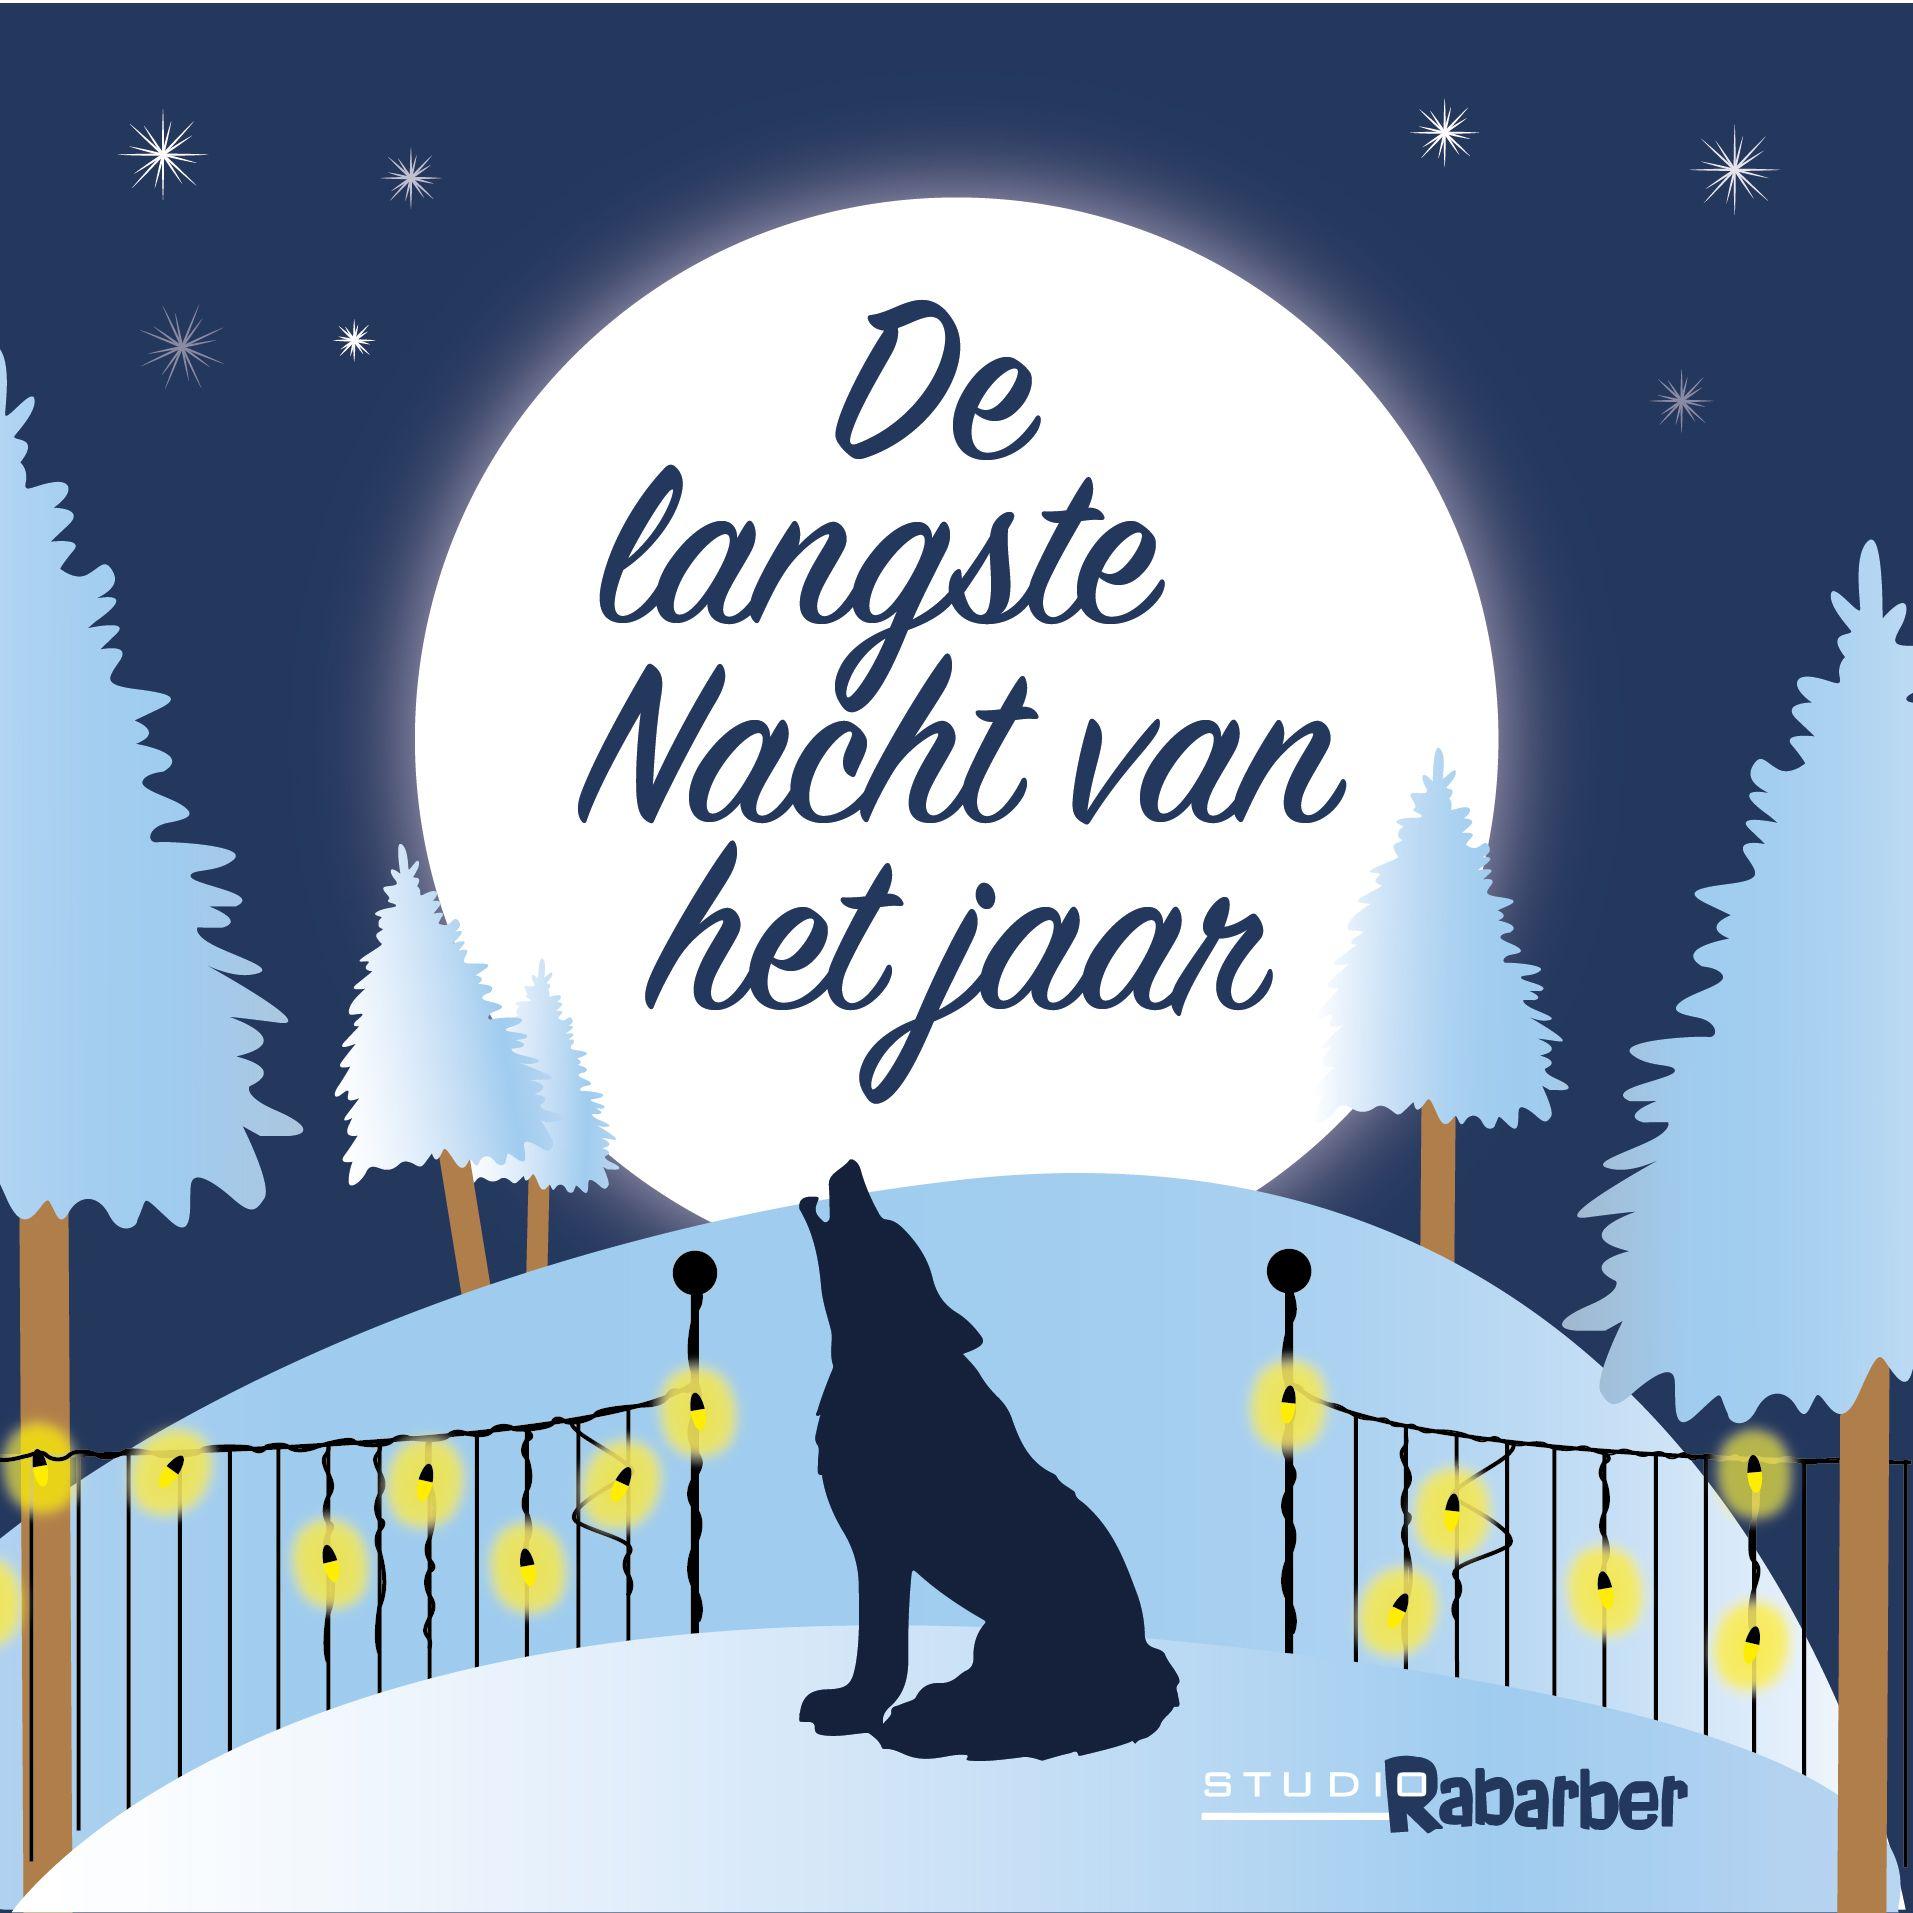 21 #december, de #kortstedag van het jaar. Vanaf morgen is het elke dag weer iets langer licht. Jippie!